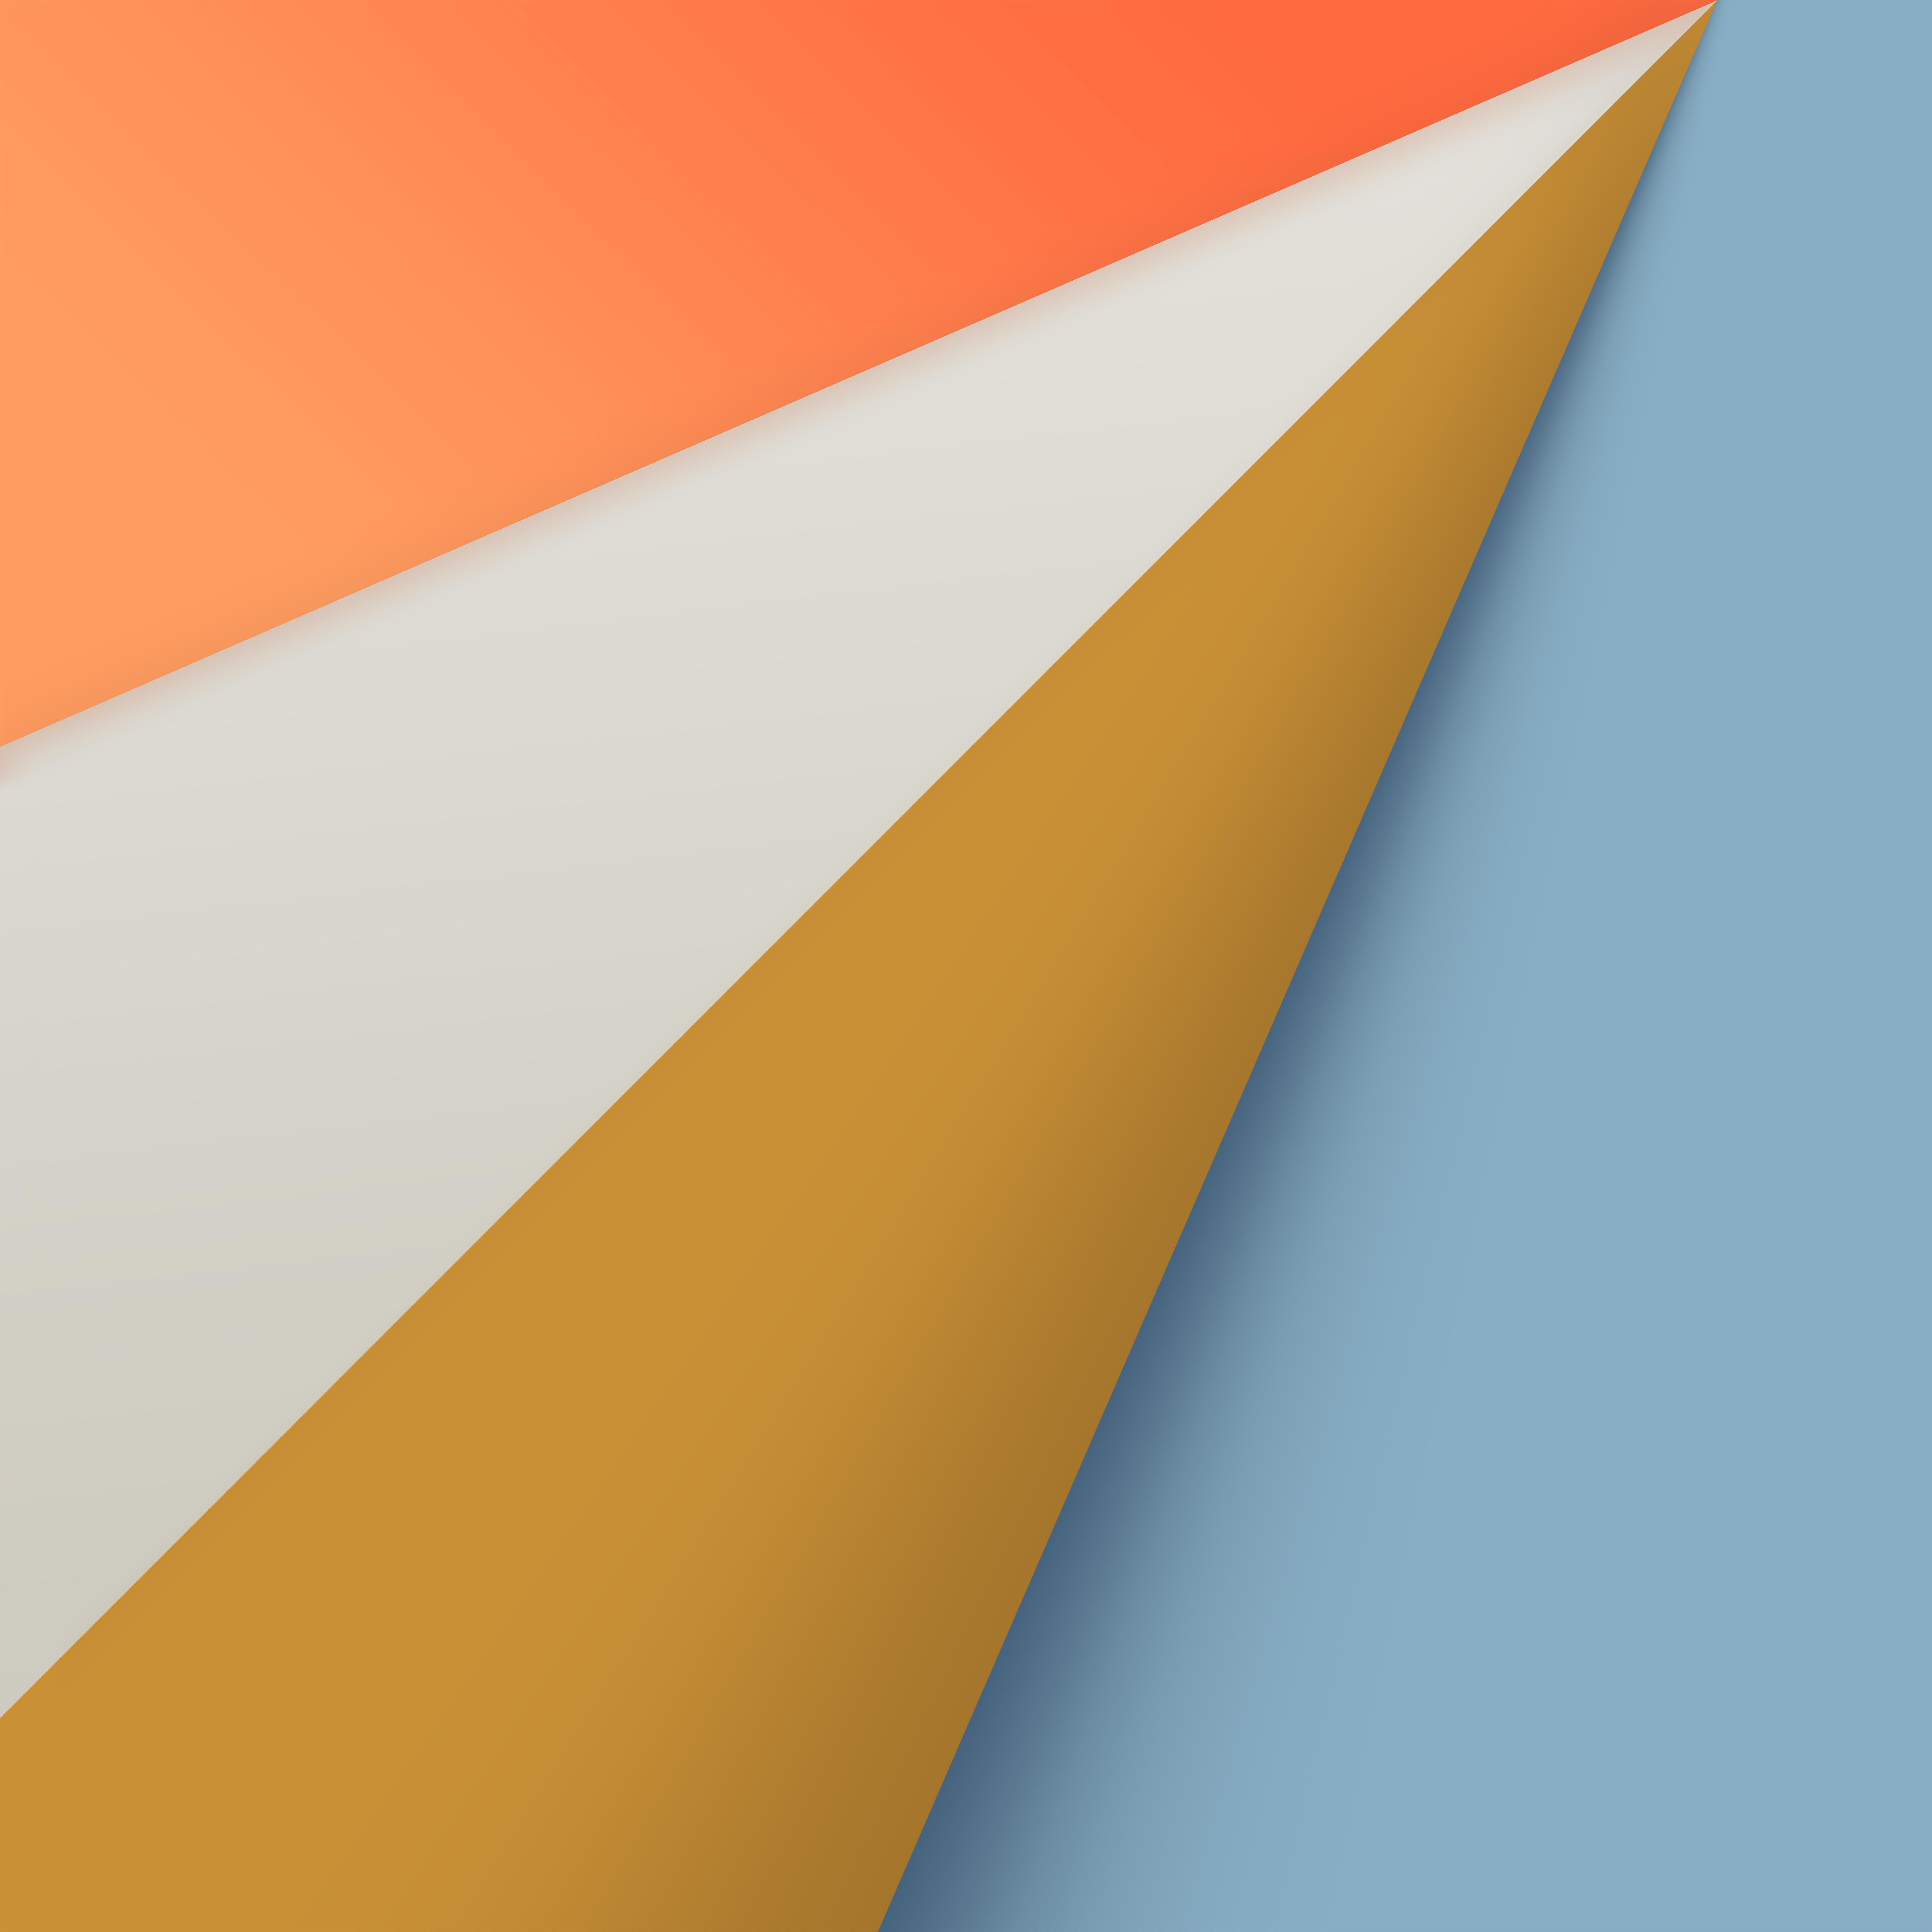 macOS Big Sur Wallpaper Orange